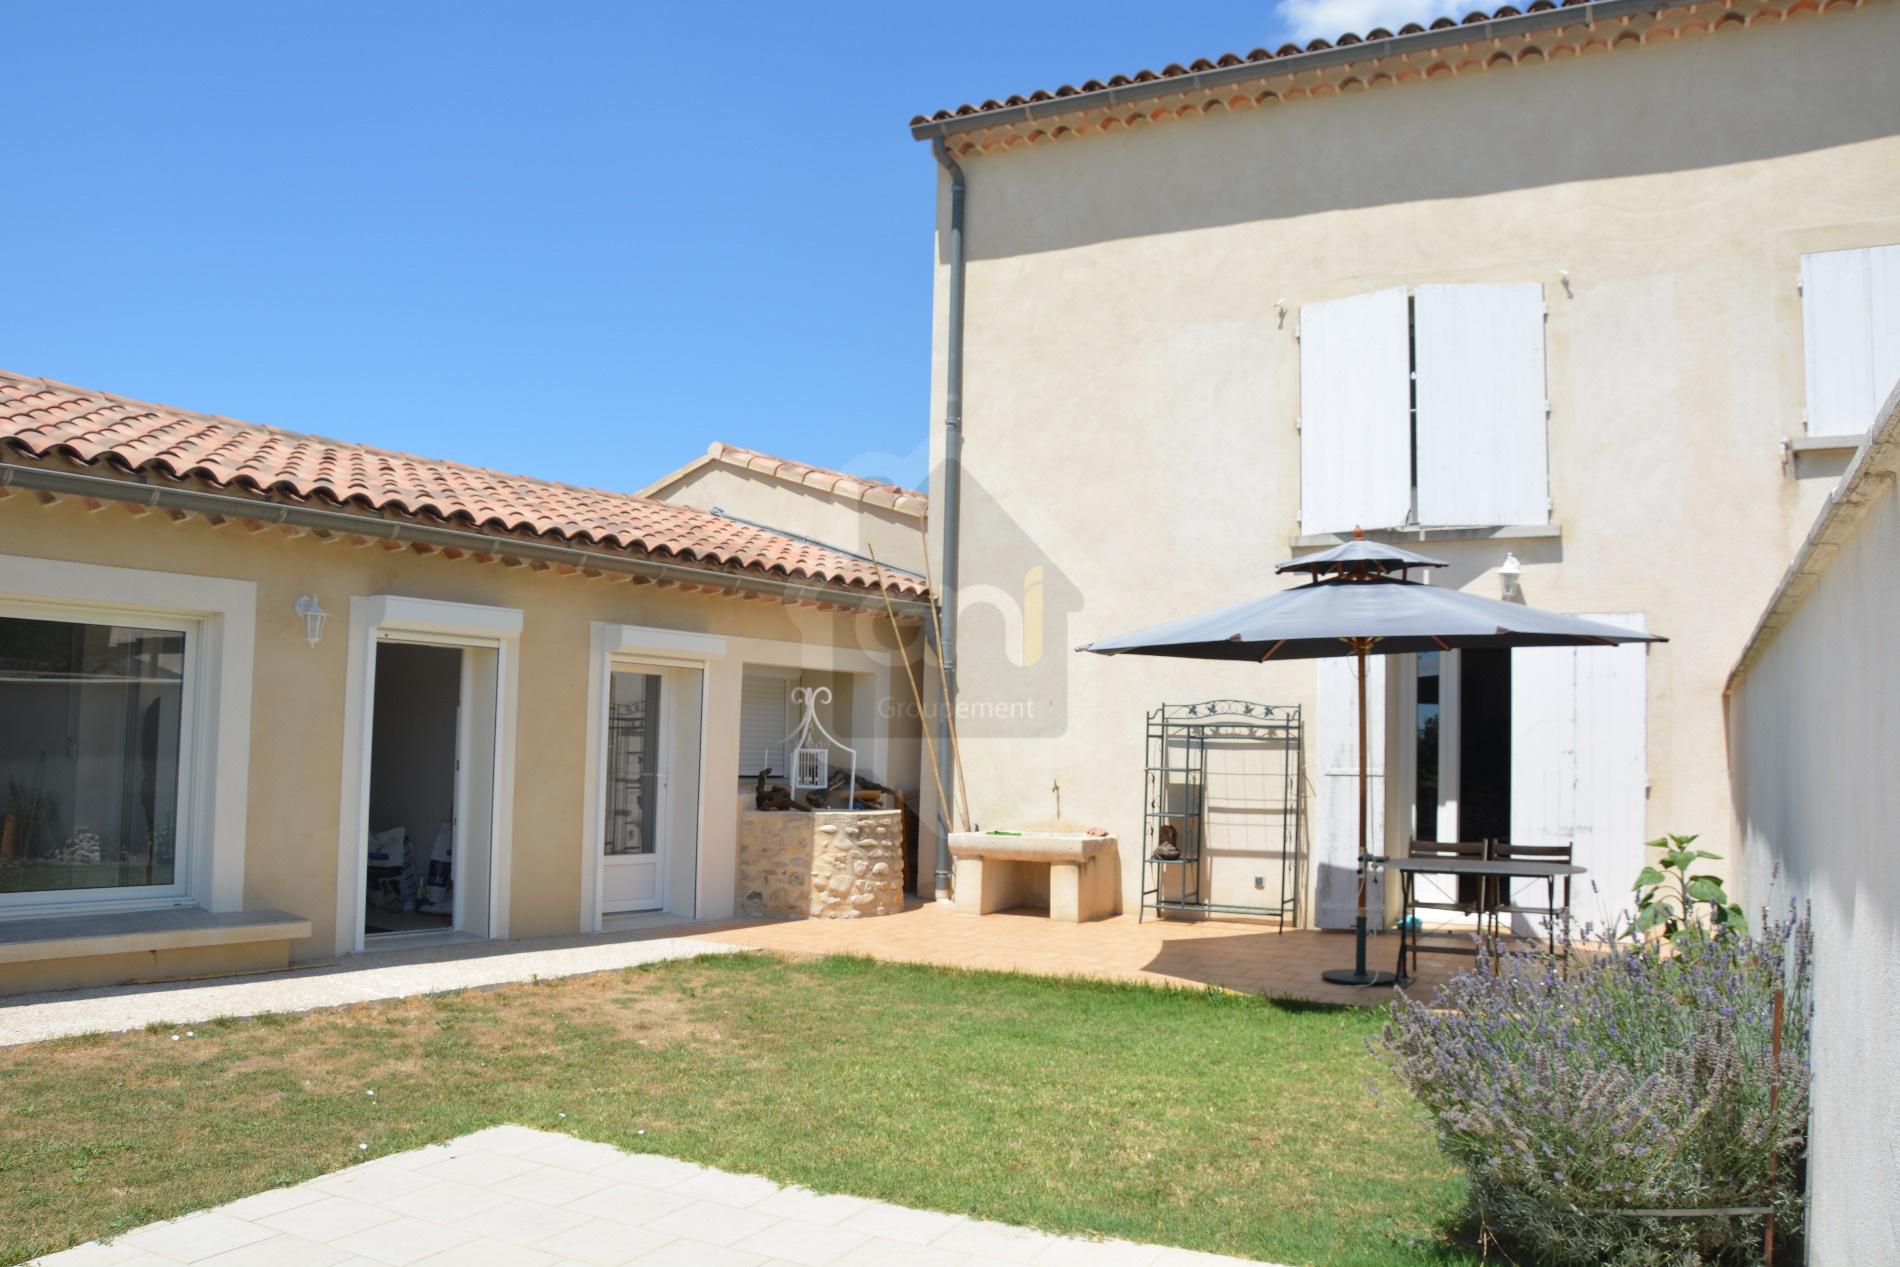 Location maison/villa 4 pièces seguret 84110